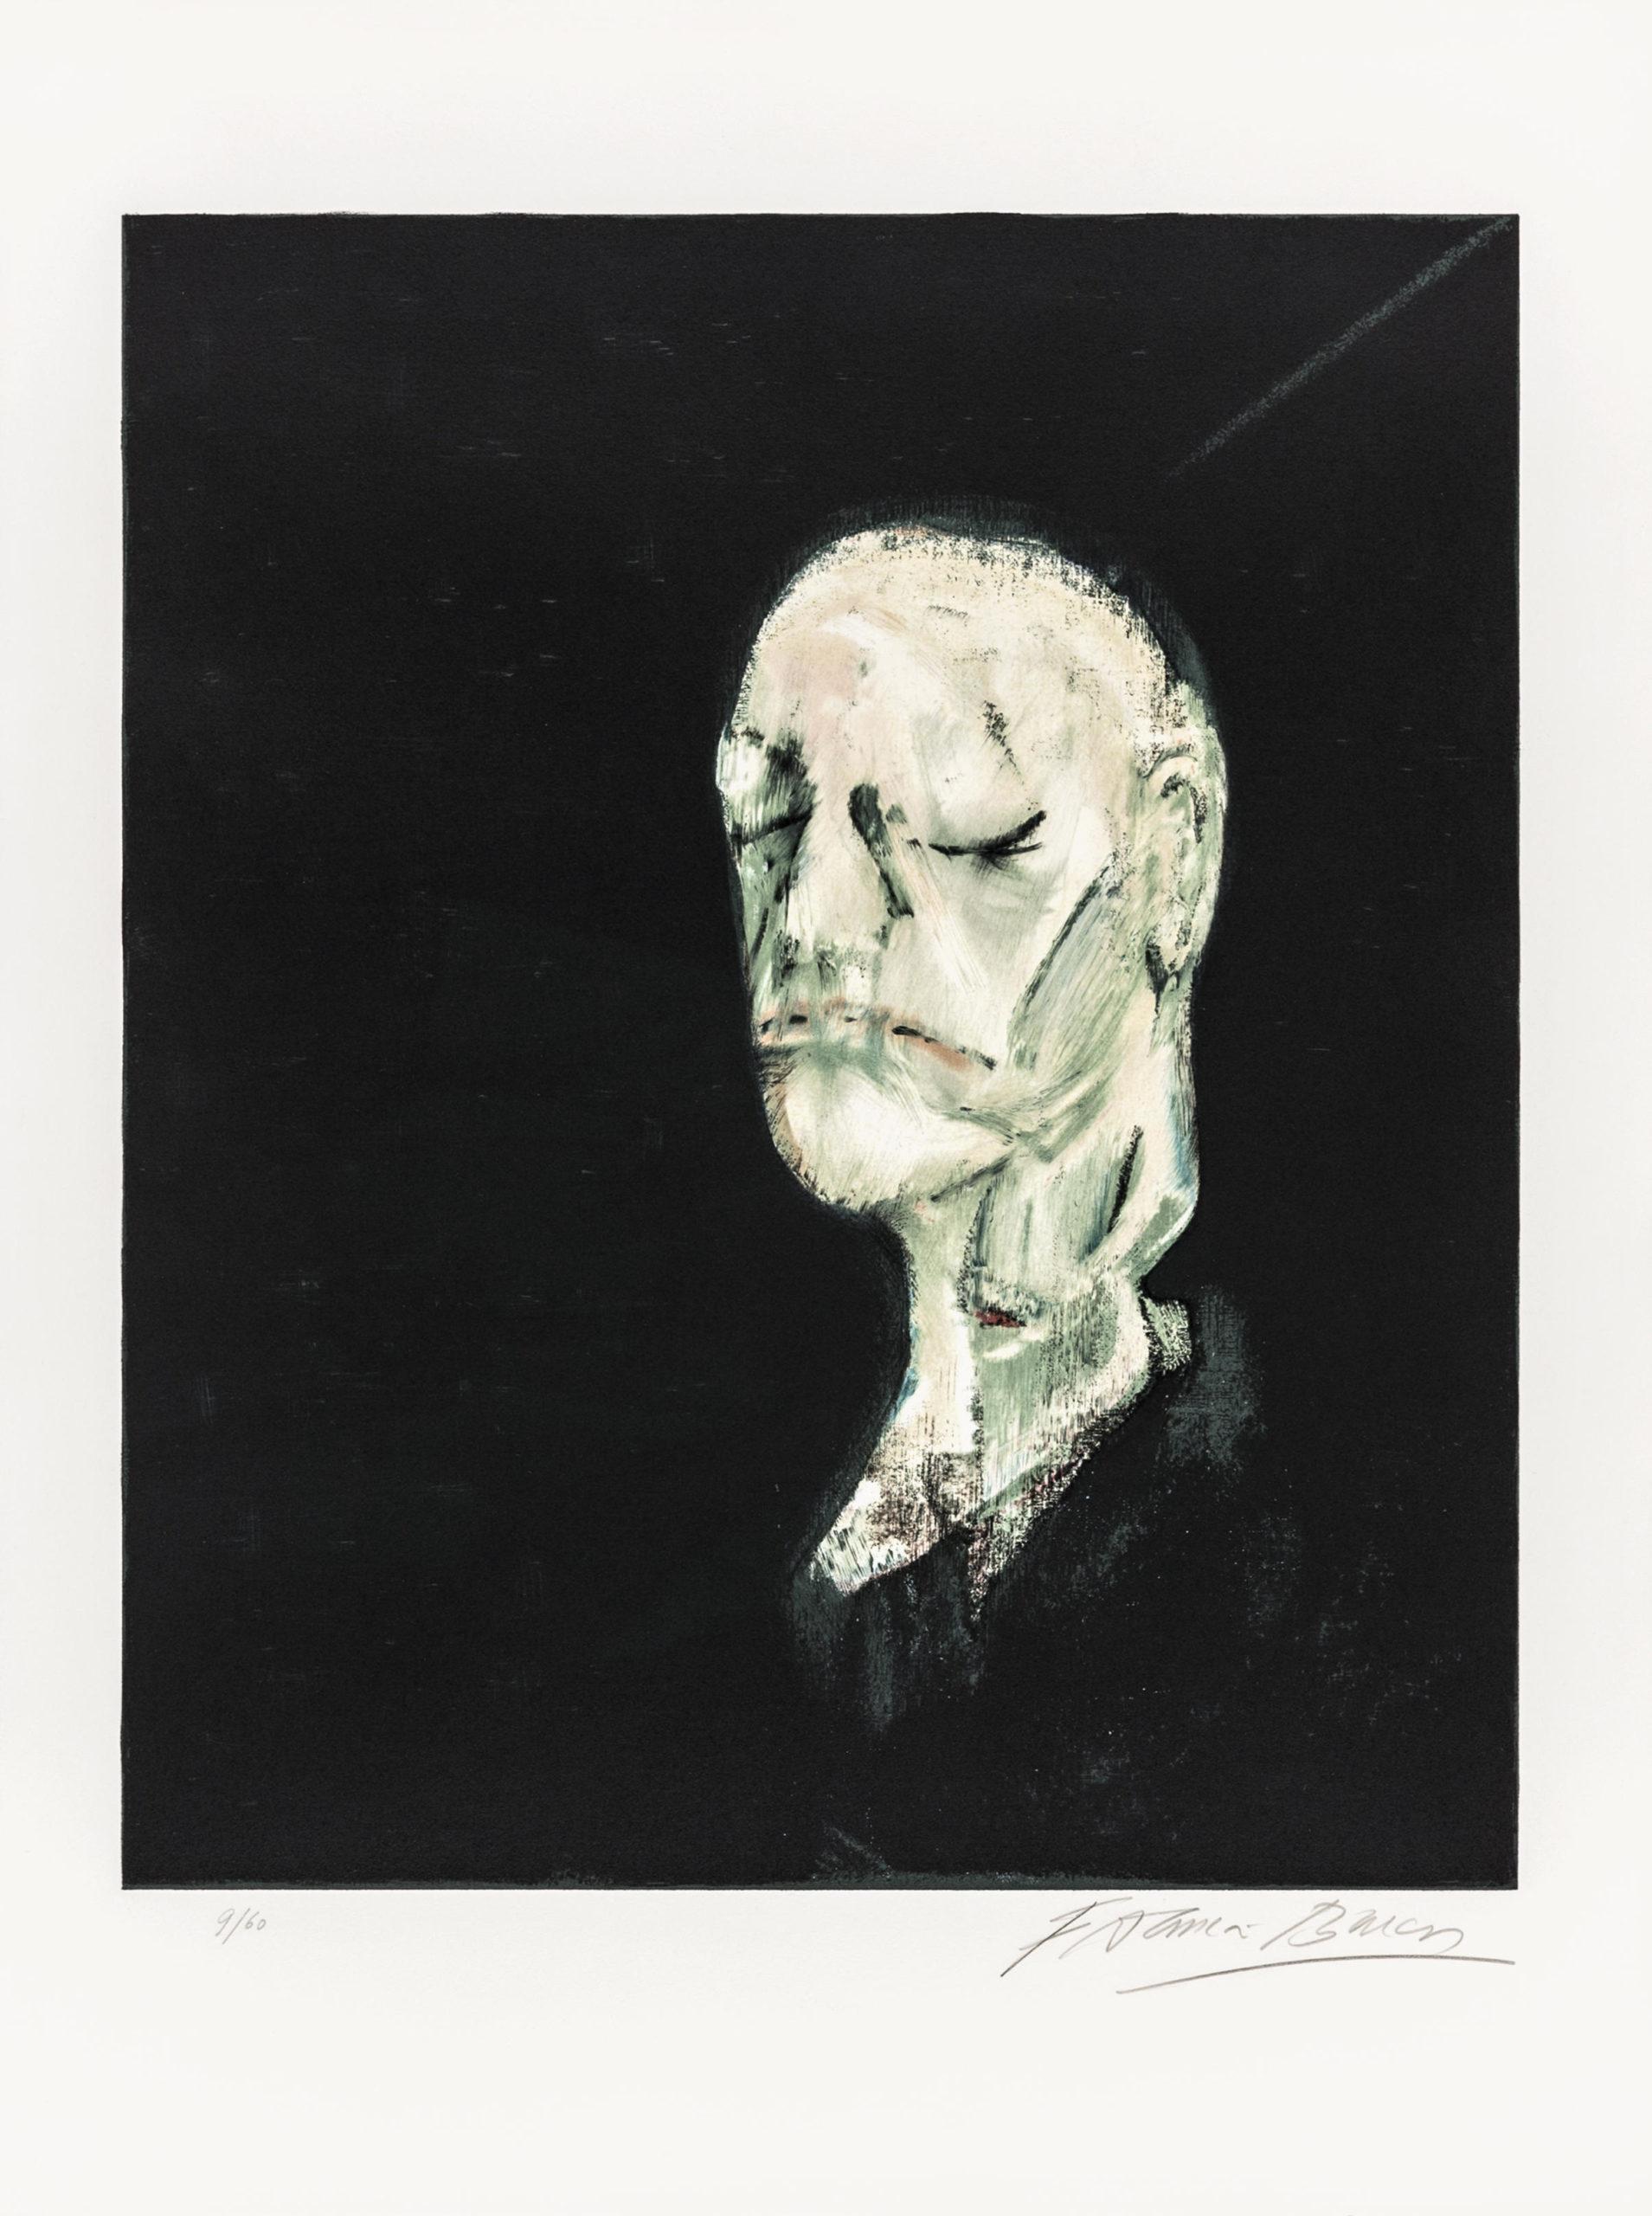 Masque Mortuaire De William Blake by Francis Bacon